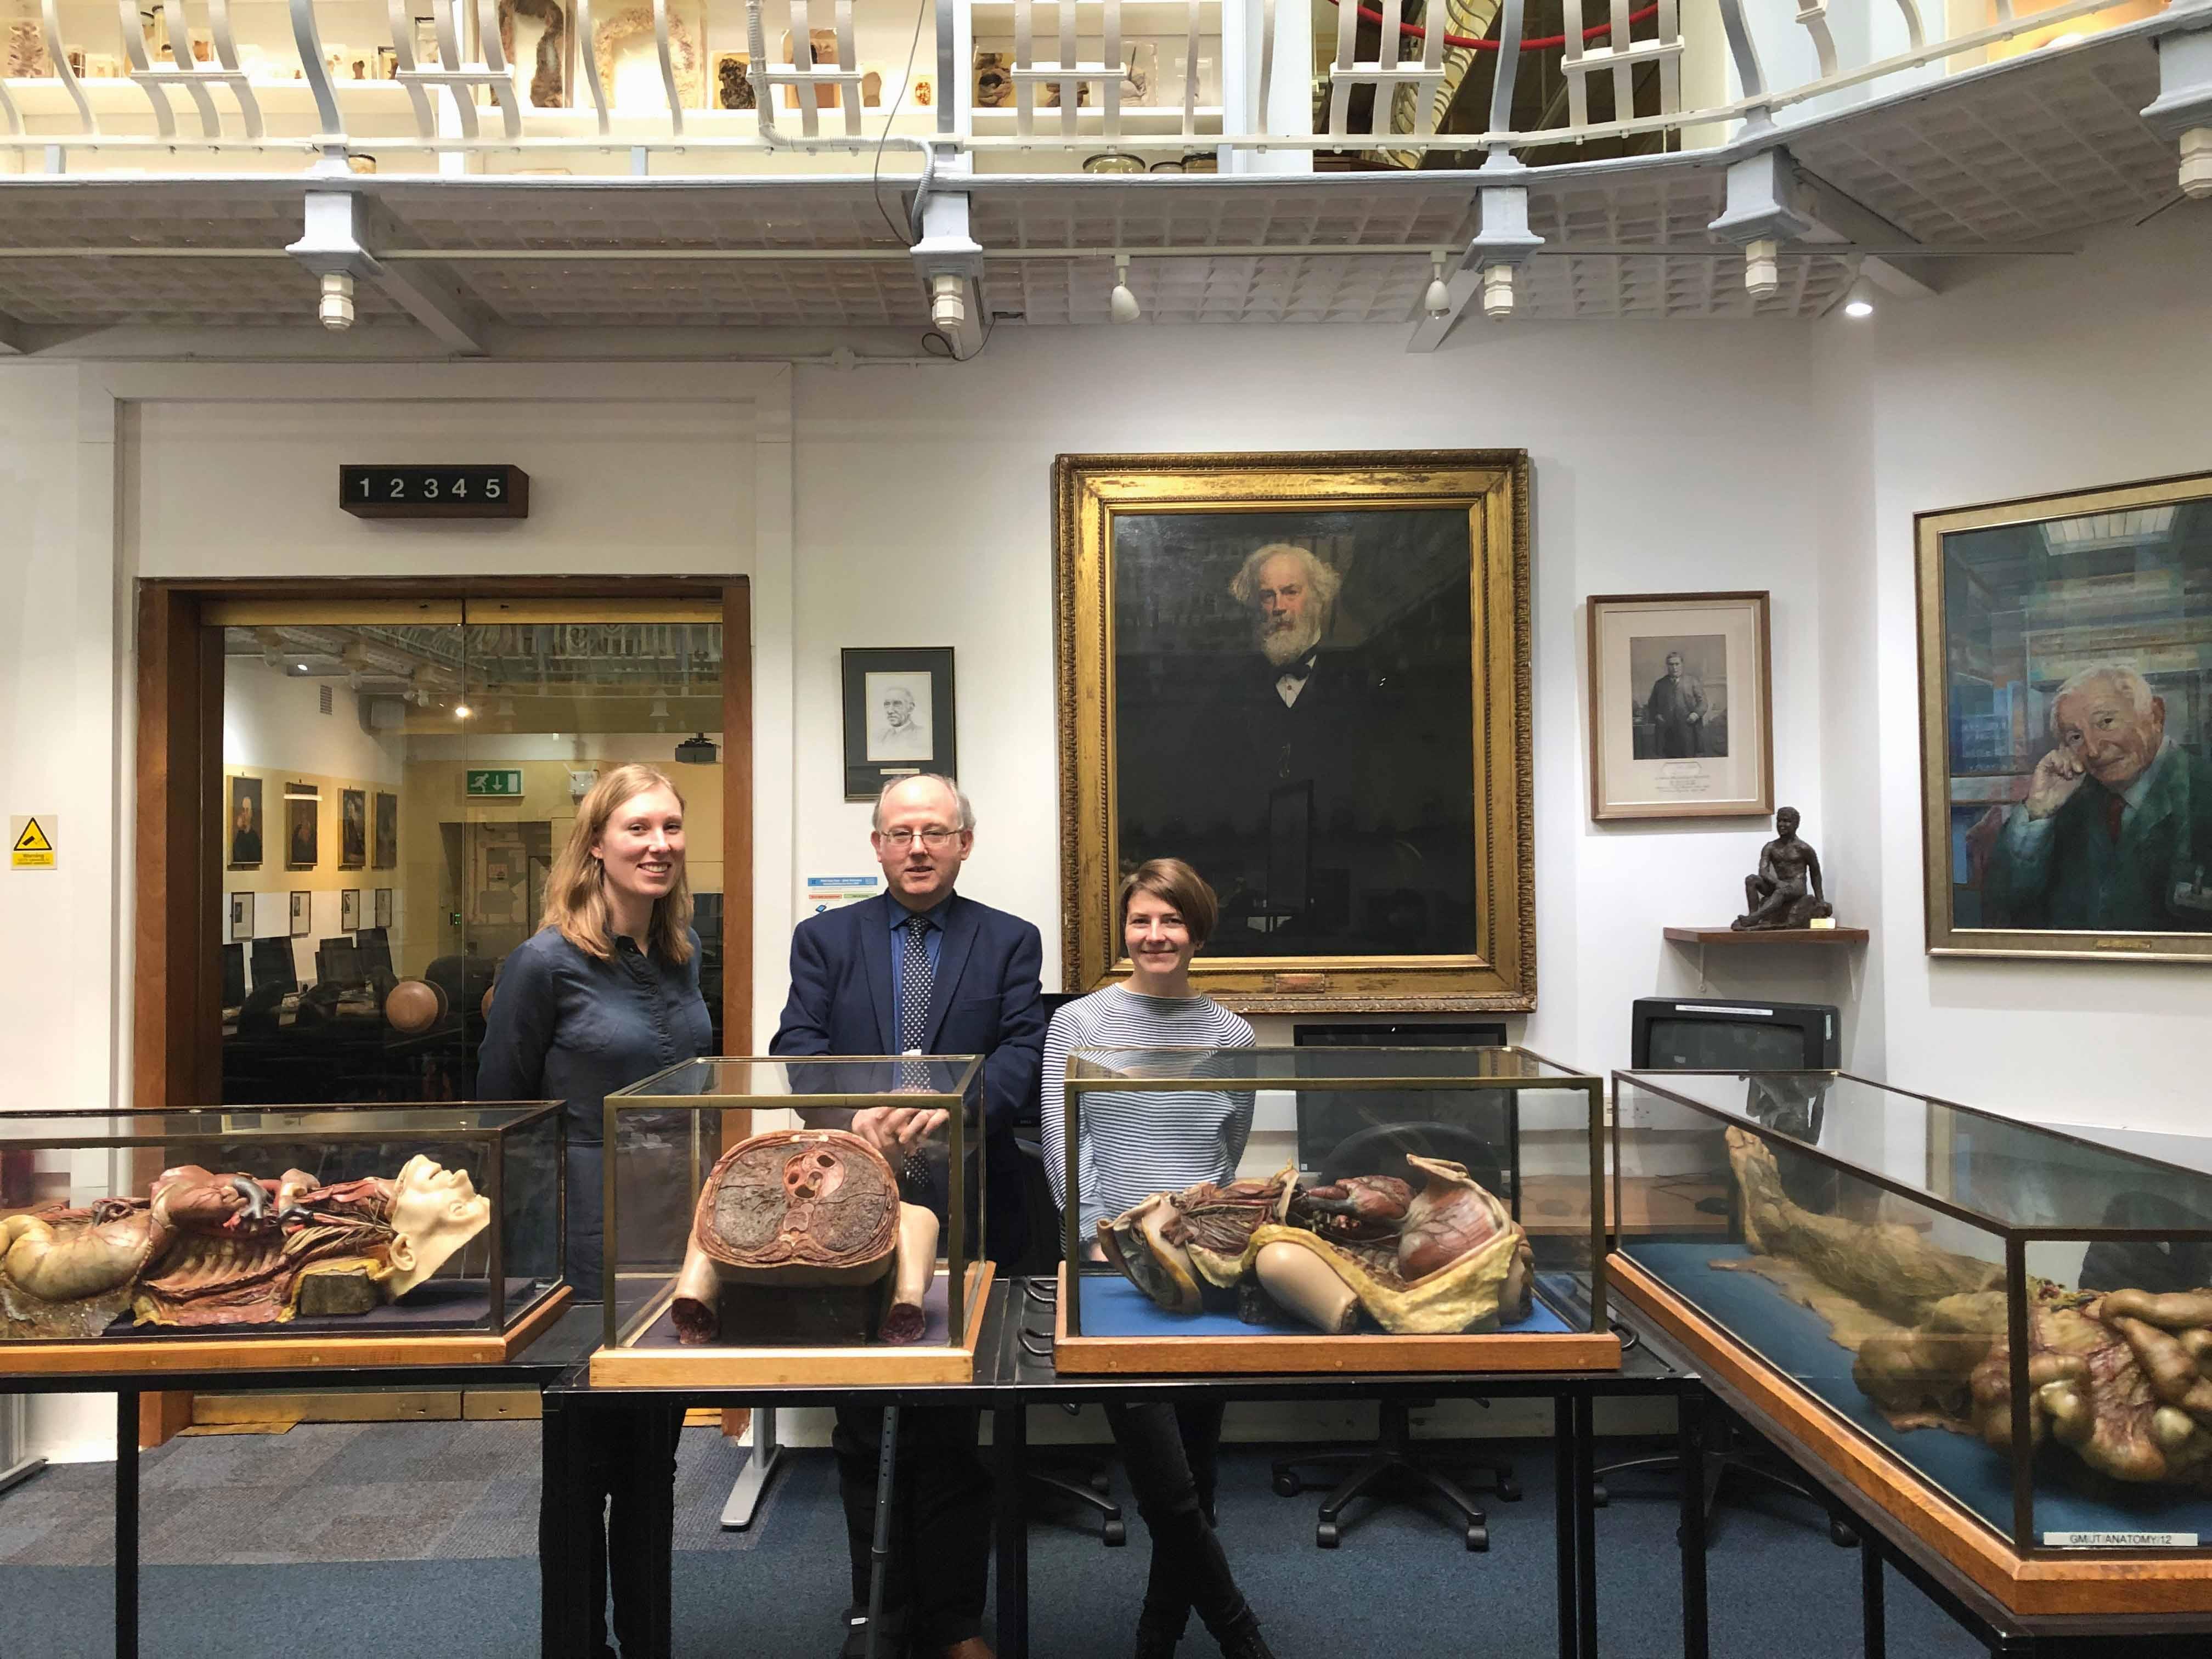 Ieva Lībiete ar kolēģi Ilzi Sirmo ERASMUS programmā Gordona patoloģijas muzejā Londonā ar muzeja kuratoru Bilu Edvardsu. Pateicoties Bila Edvardsa atsaucībai, RSU Anatomijas muzeja darbinieki iepazinuši un praksē pārņēmuši modernākās vēsturisko preparātu konservācijas metodes